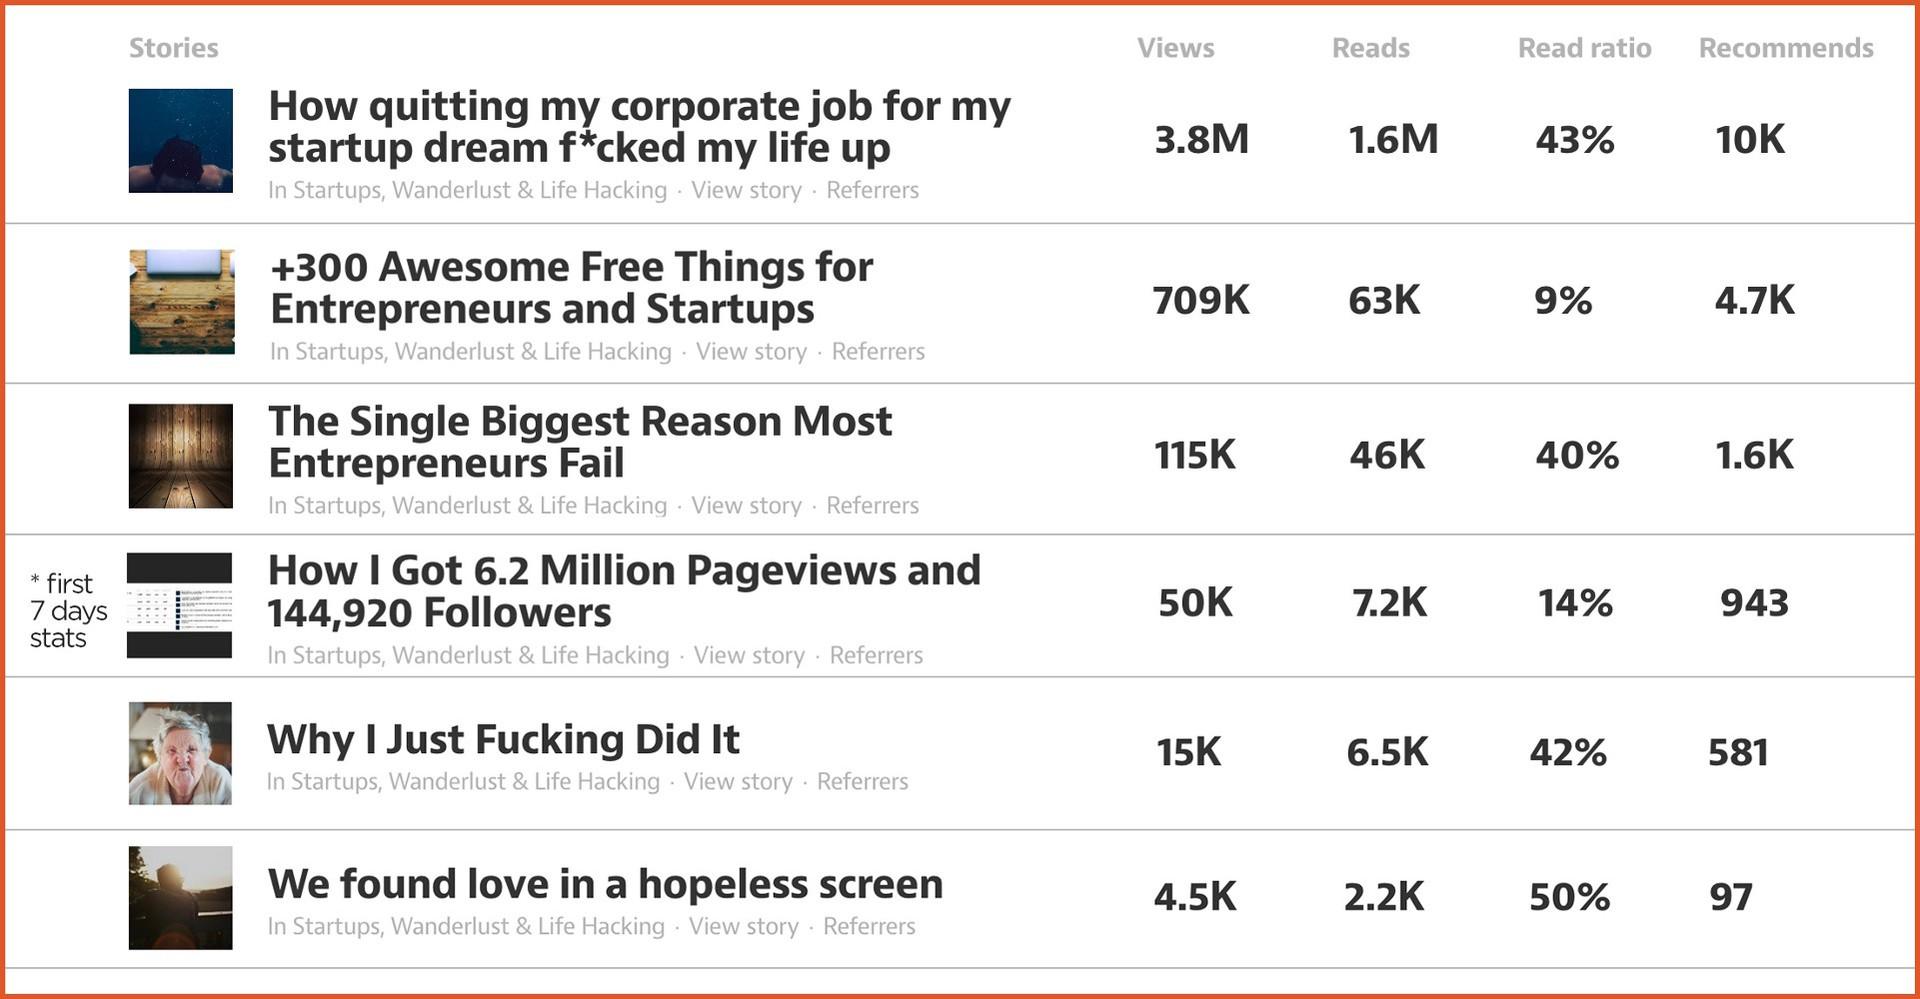 Как я сделал так, чтобы мои статьи просмотрели 6.2 миллиона человек и подписалось 144,920 людей? - 6